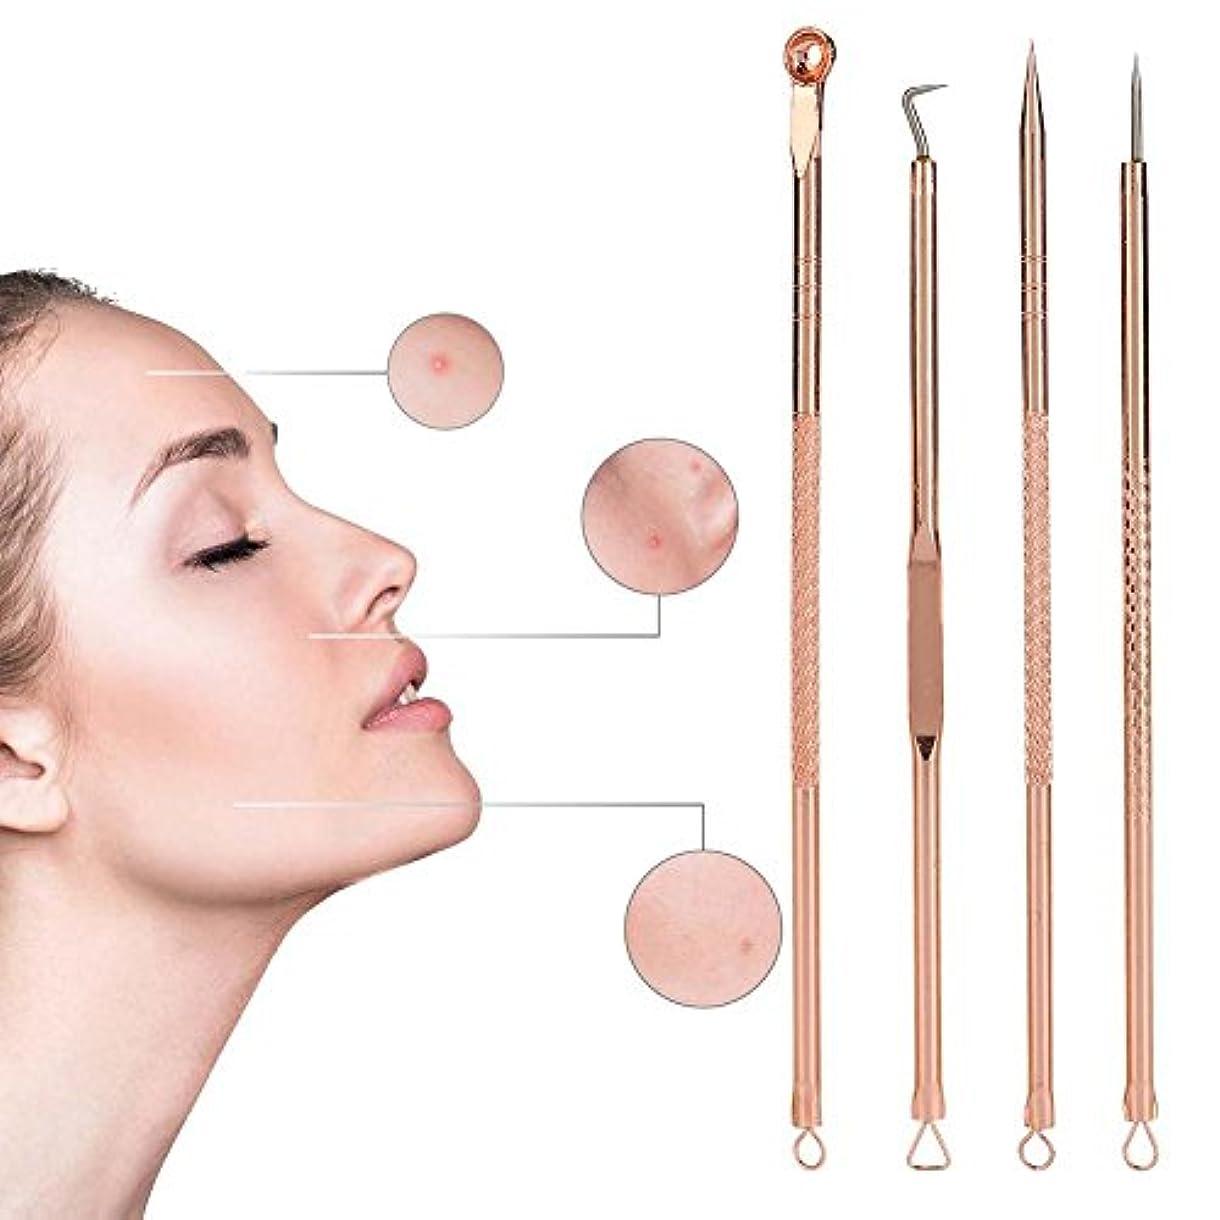 ソーセージ頬骨見る人にきび除去、4個/にきび除去ツールステンレス鋼ローズゴールドダブルヘッドのヒントにきび抽出器ピンセットにきび除去キット